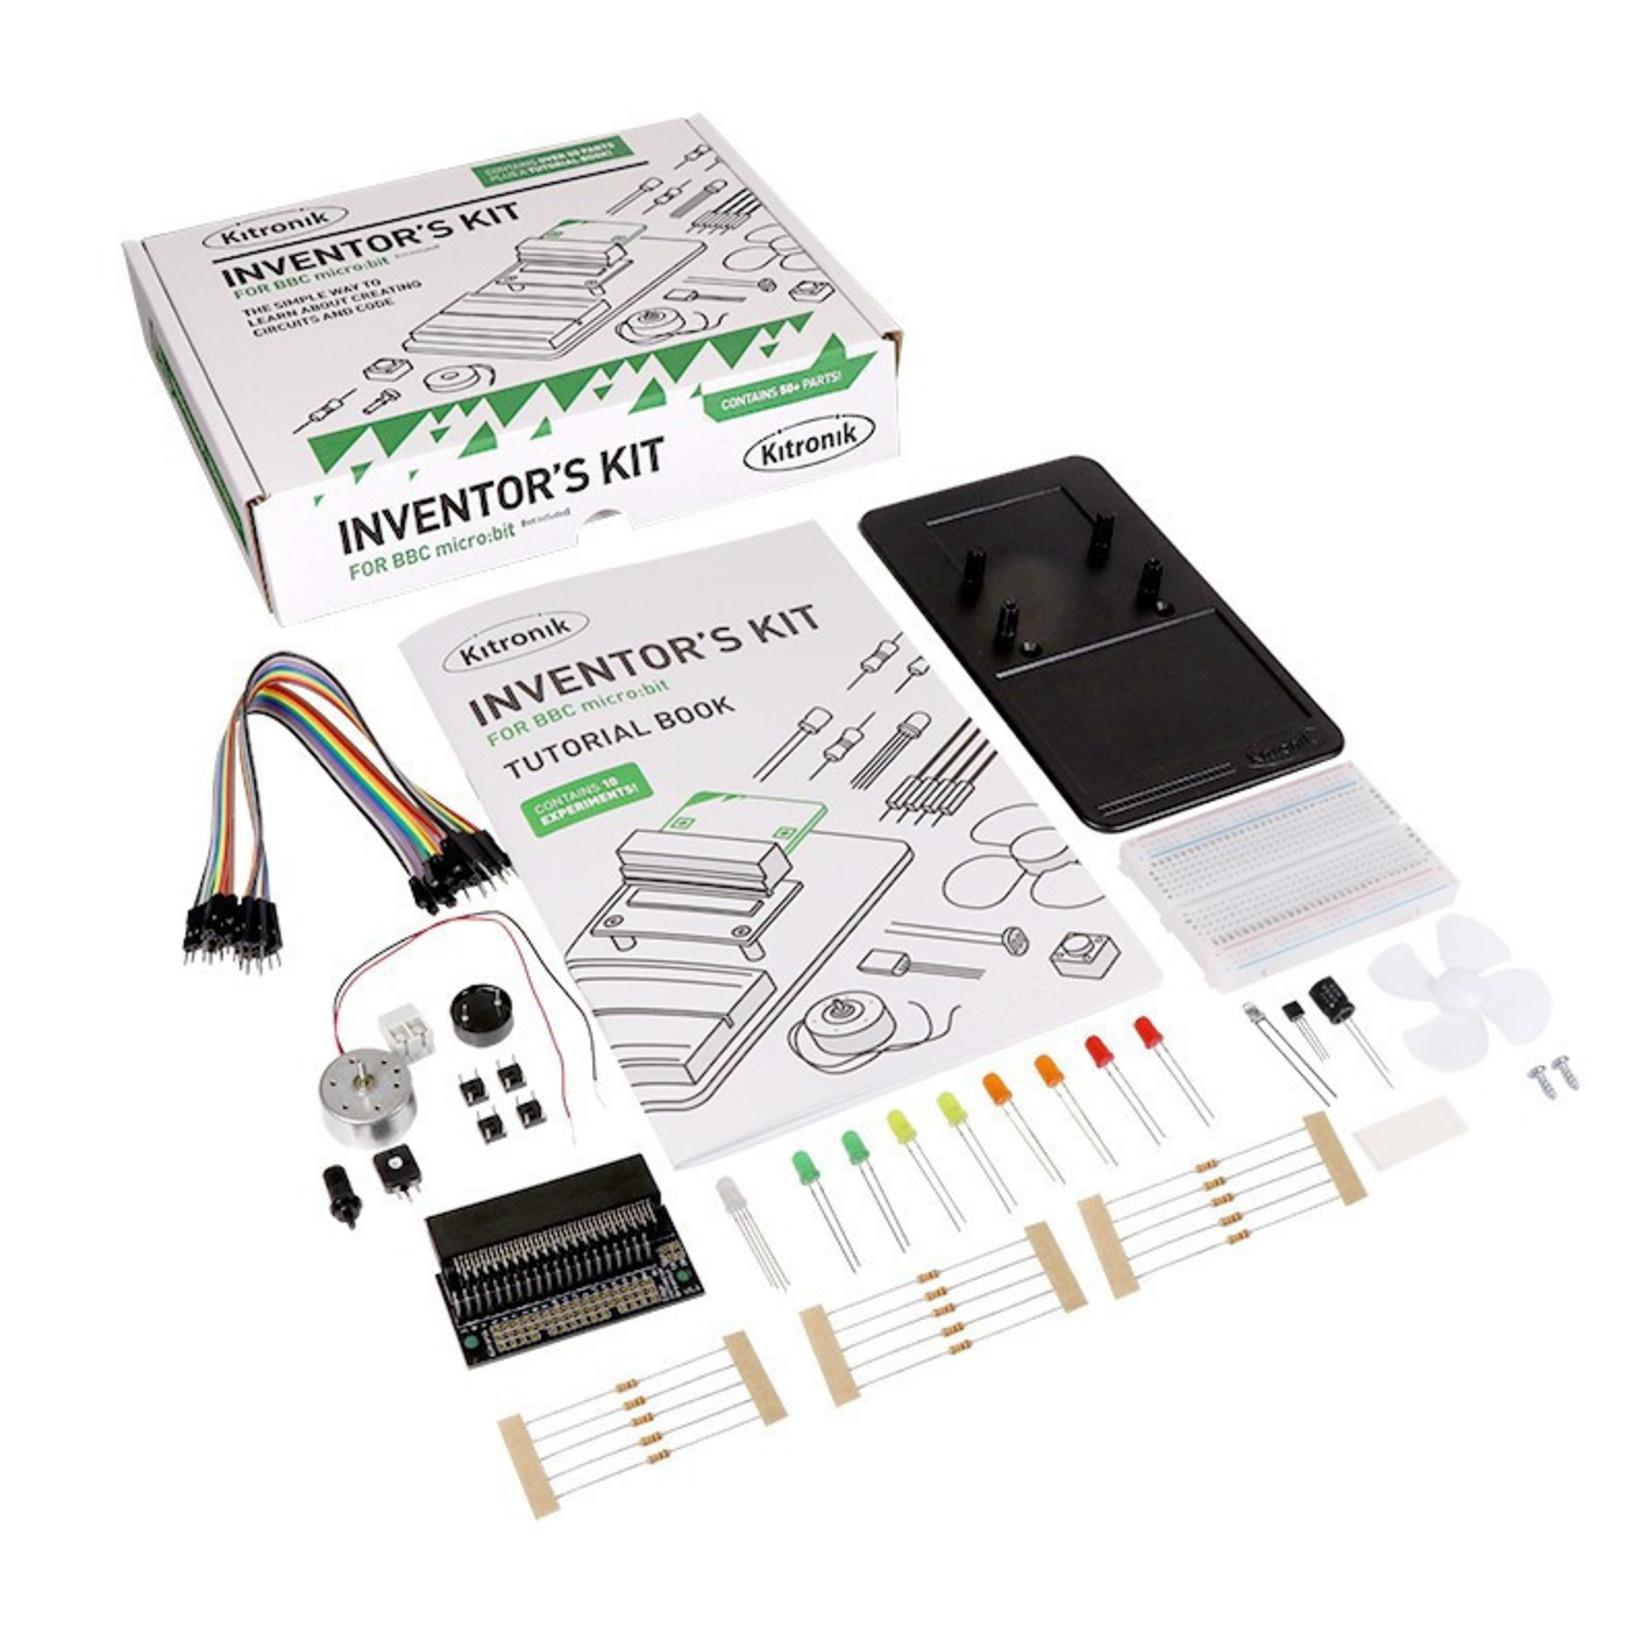 Kitronik Uitvinderskit voor BBC Micro:bit